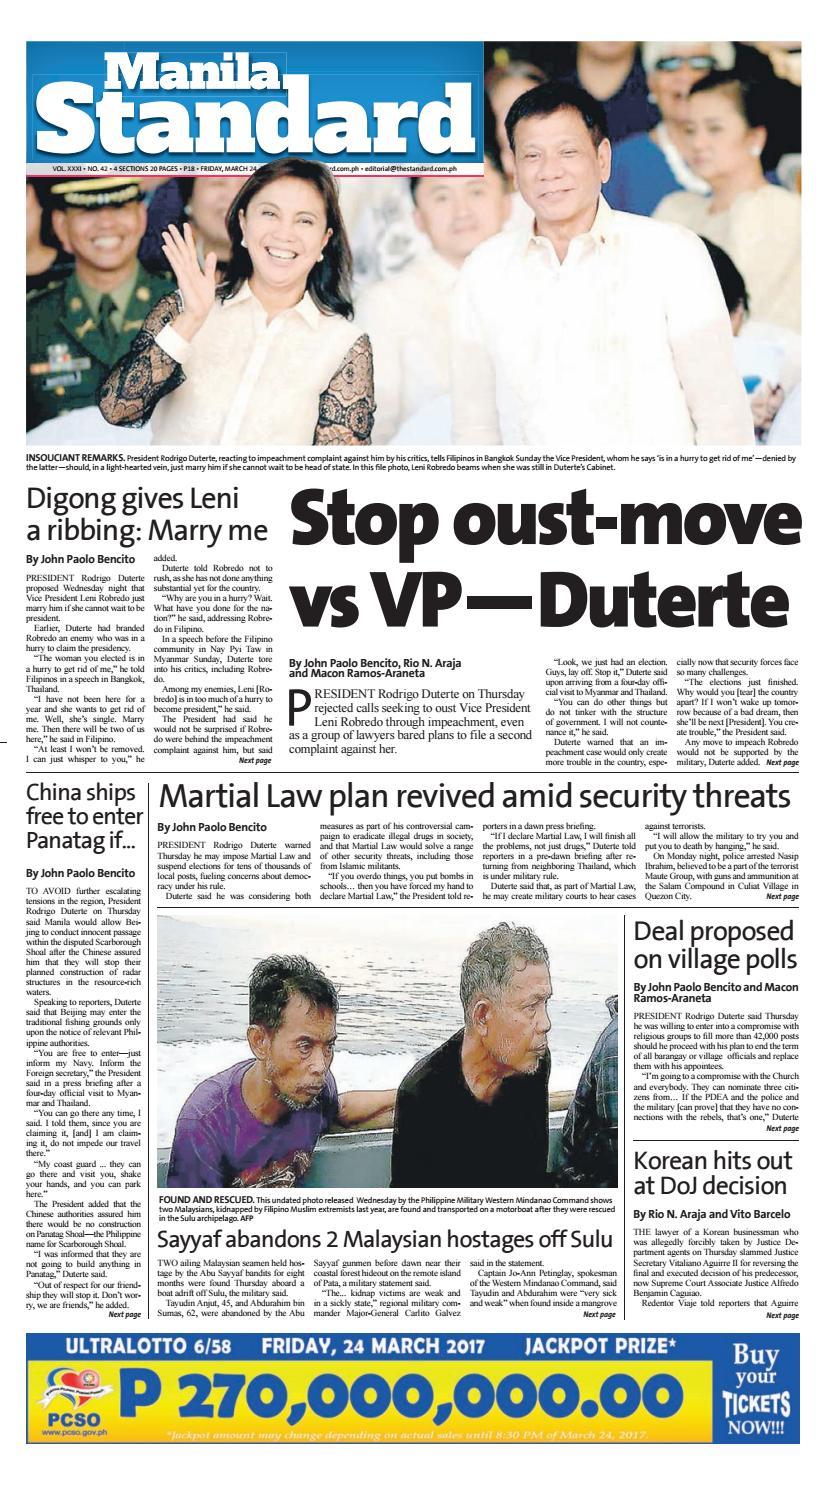 c7f2f3040dc6 Manila Standard - 2017 March 24 - Friday by Manila Standard - issuu